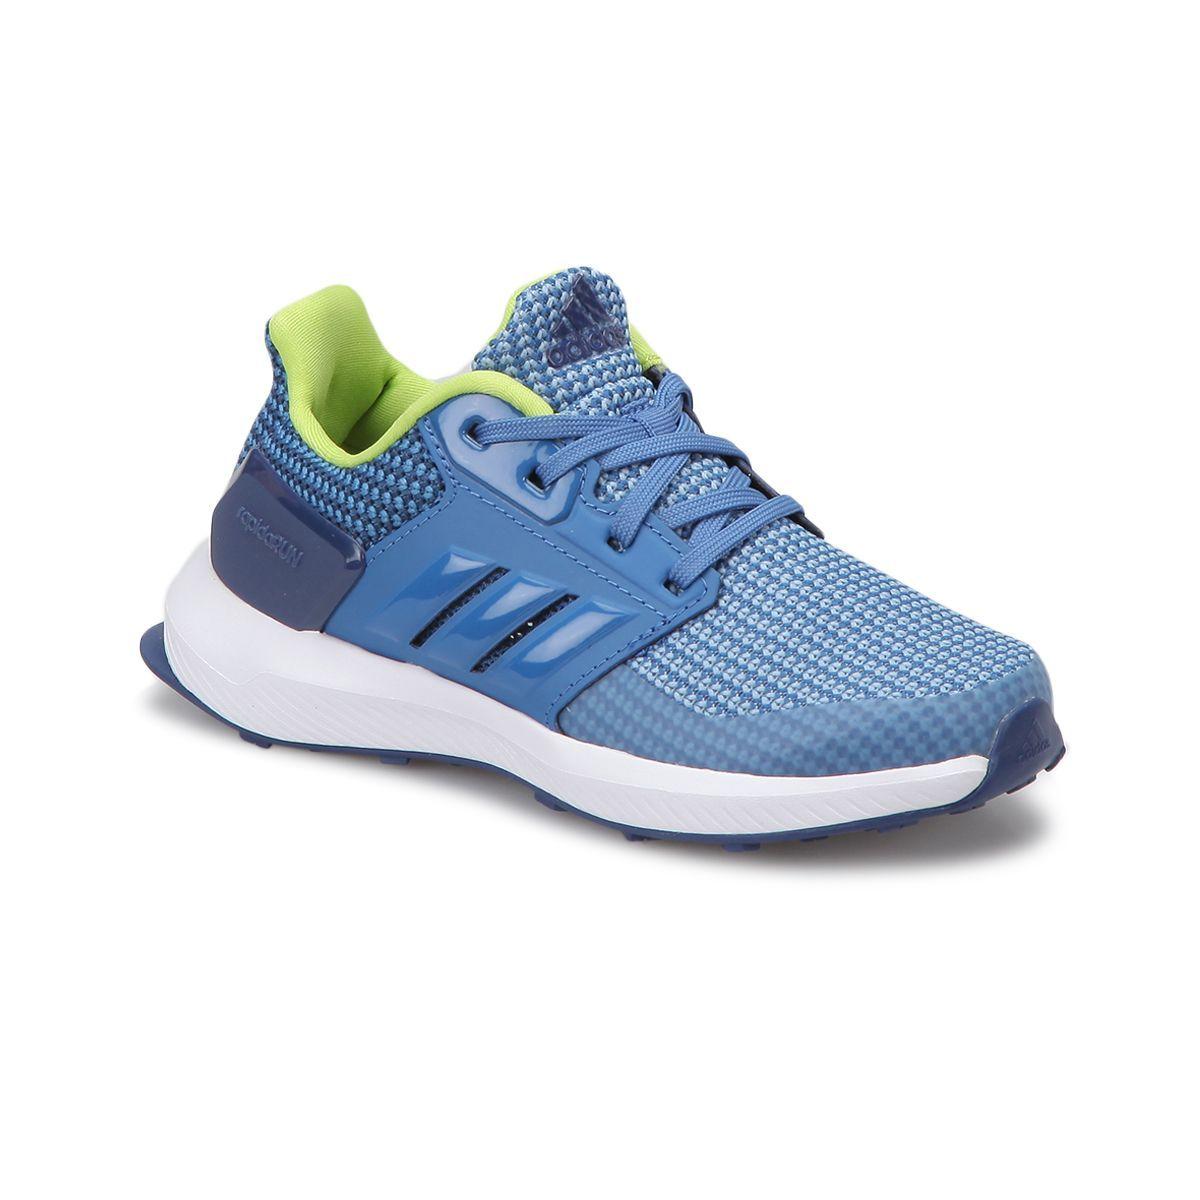 Adidas Adidas Rapidarun K Mavi Neon Yesil Erkek Cocuk Kosu Ayakkabisi Flo Ayakkabi Adidas Ayakkabilar Mavi